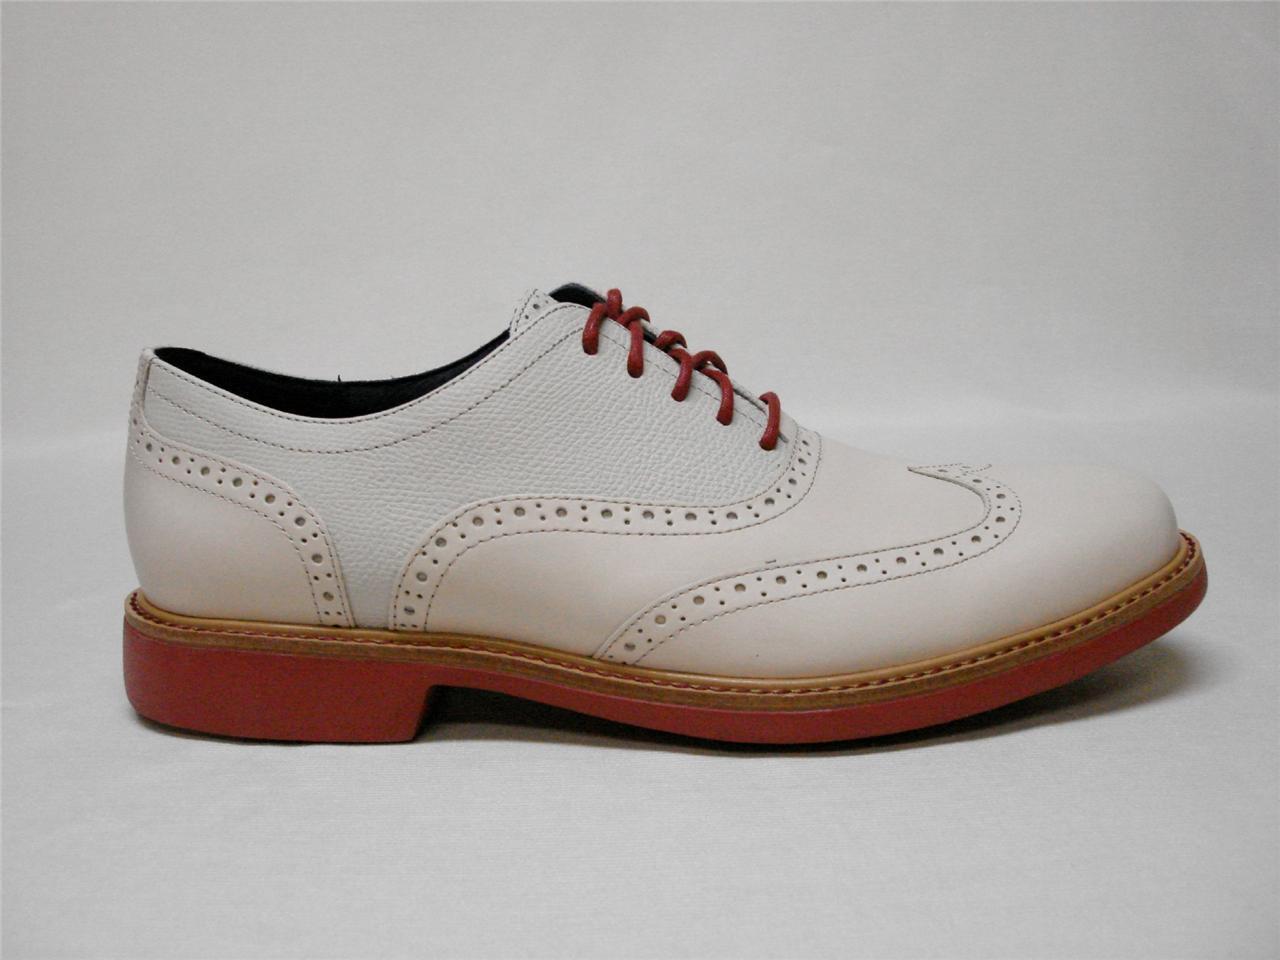 Nuevo En Caja  COLE HAAN gran JONES punta del ala  Para Hombre Zapato  Marfil   11.5  Bonito